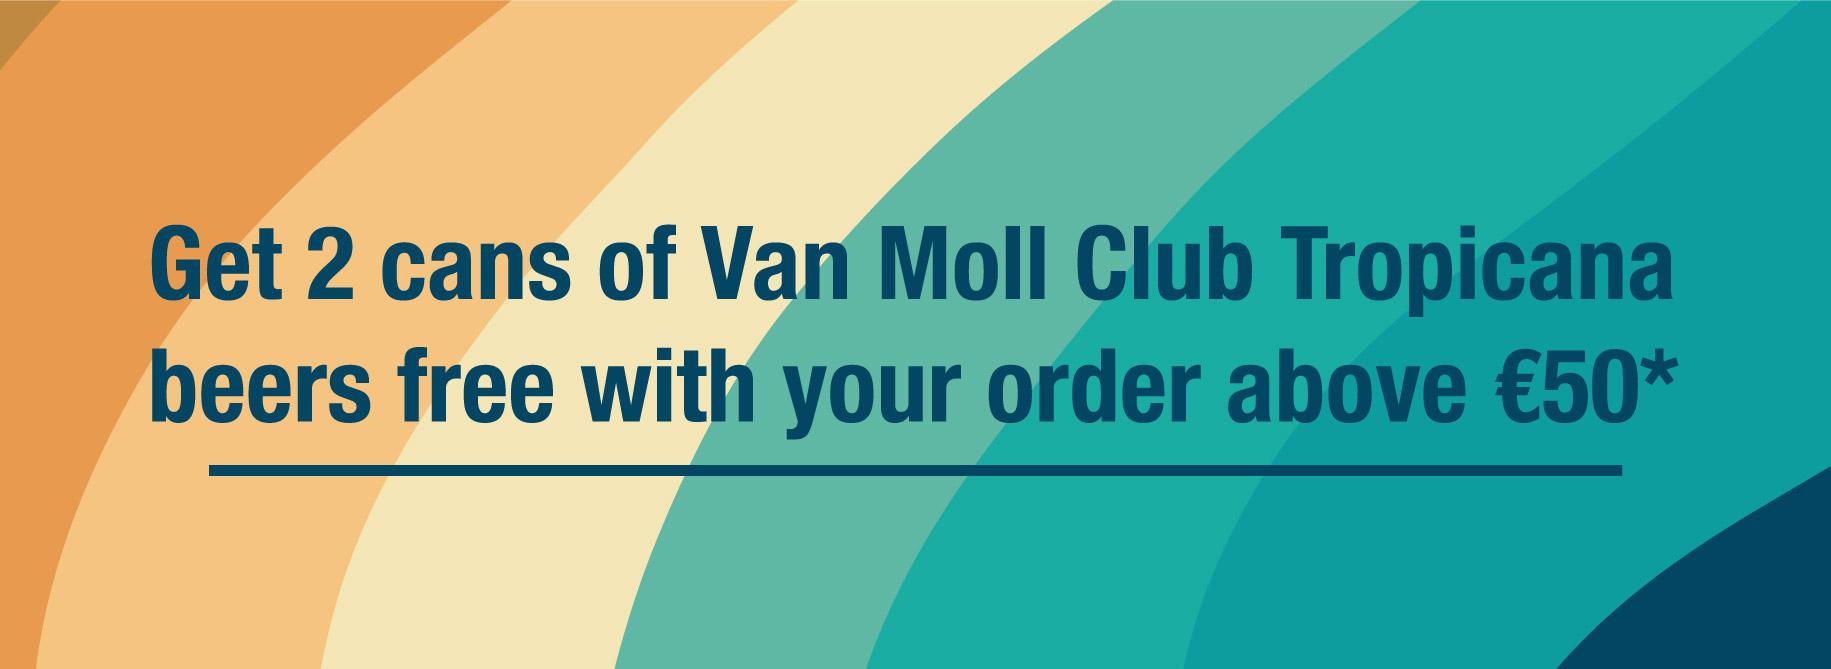 Van Moll x 4funkyflavours craft beer gift